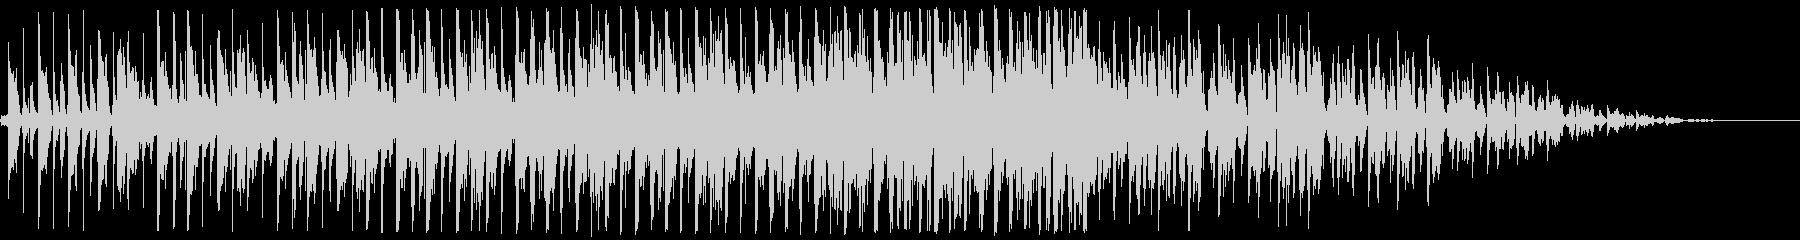 ほのぼのアコースティックなBGMの未再生の波形